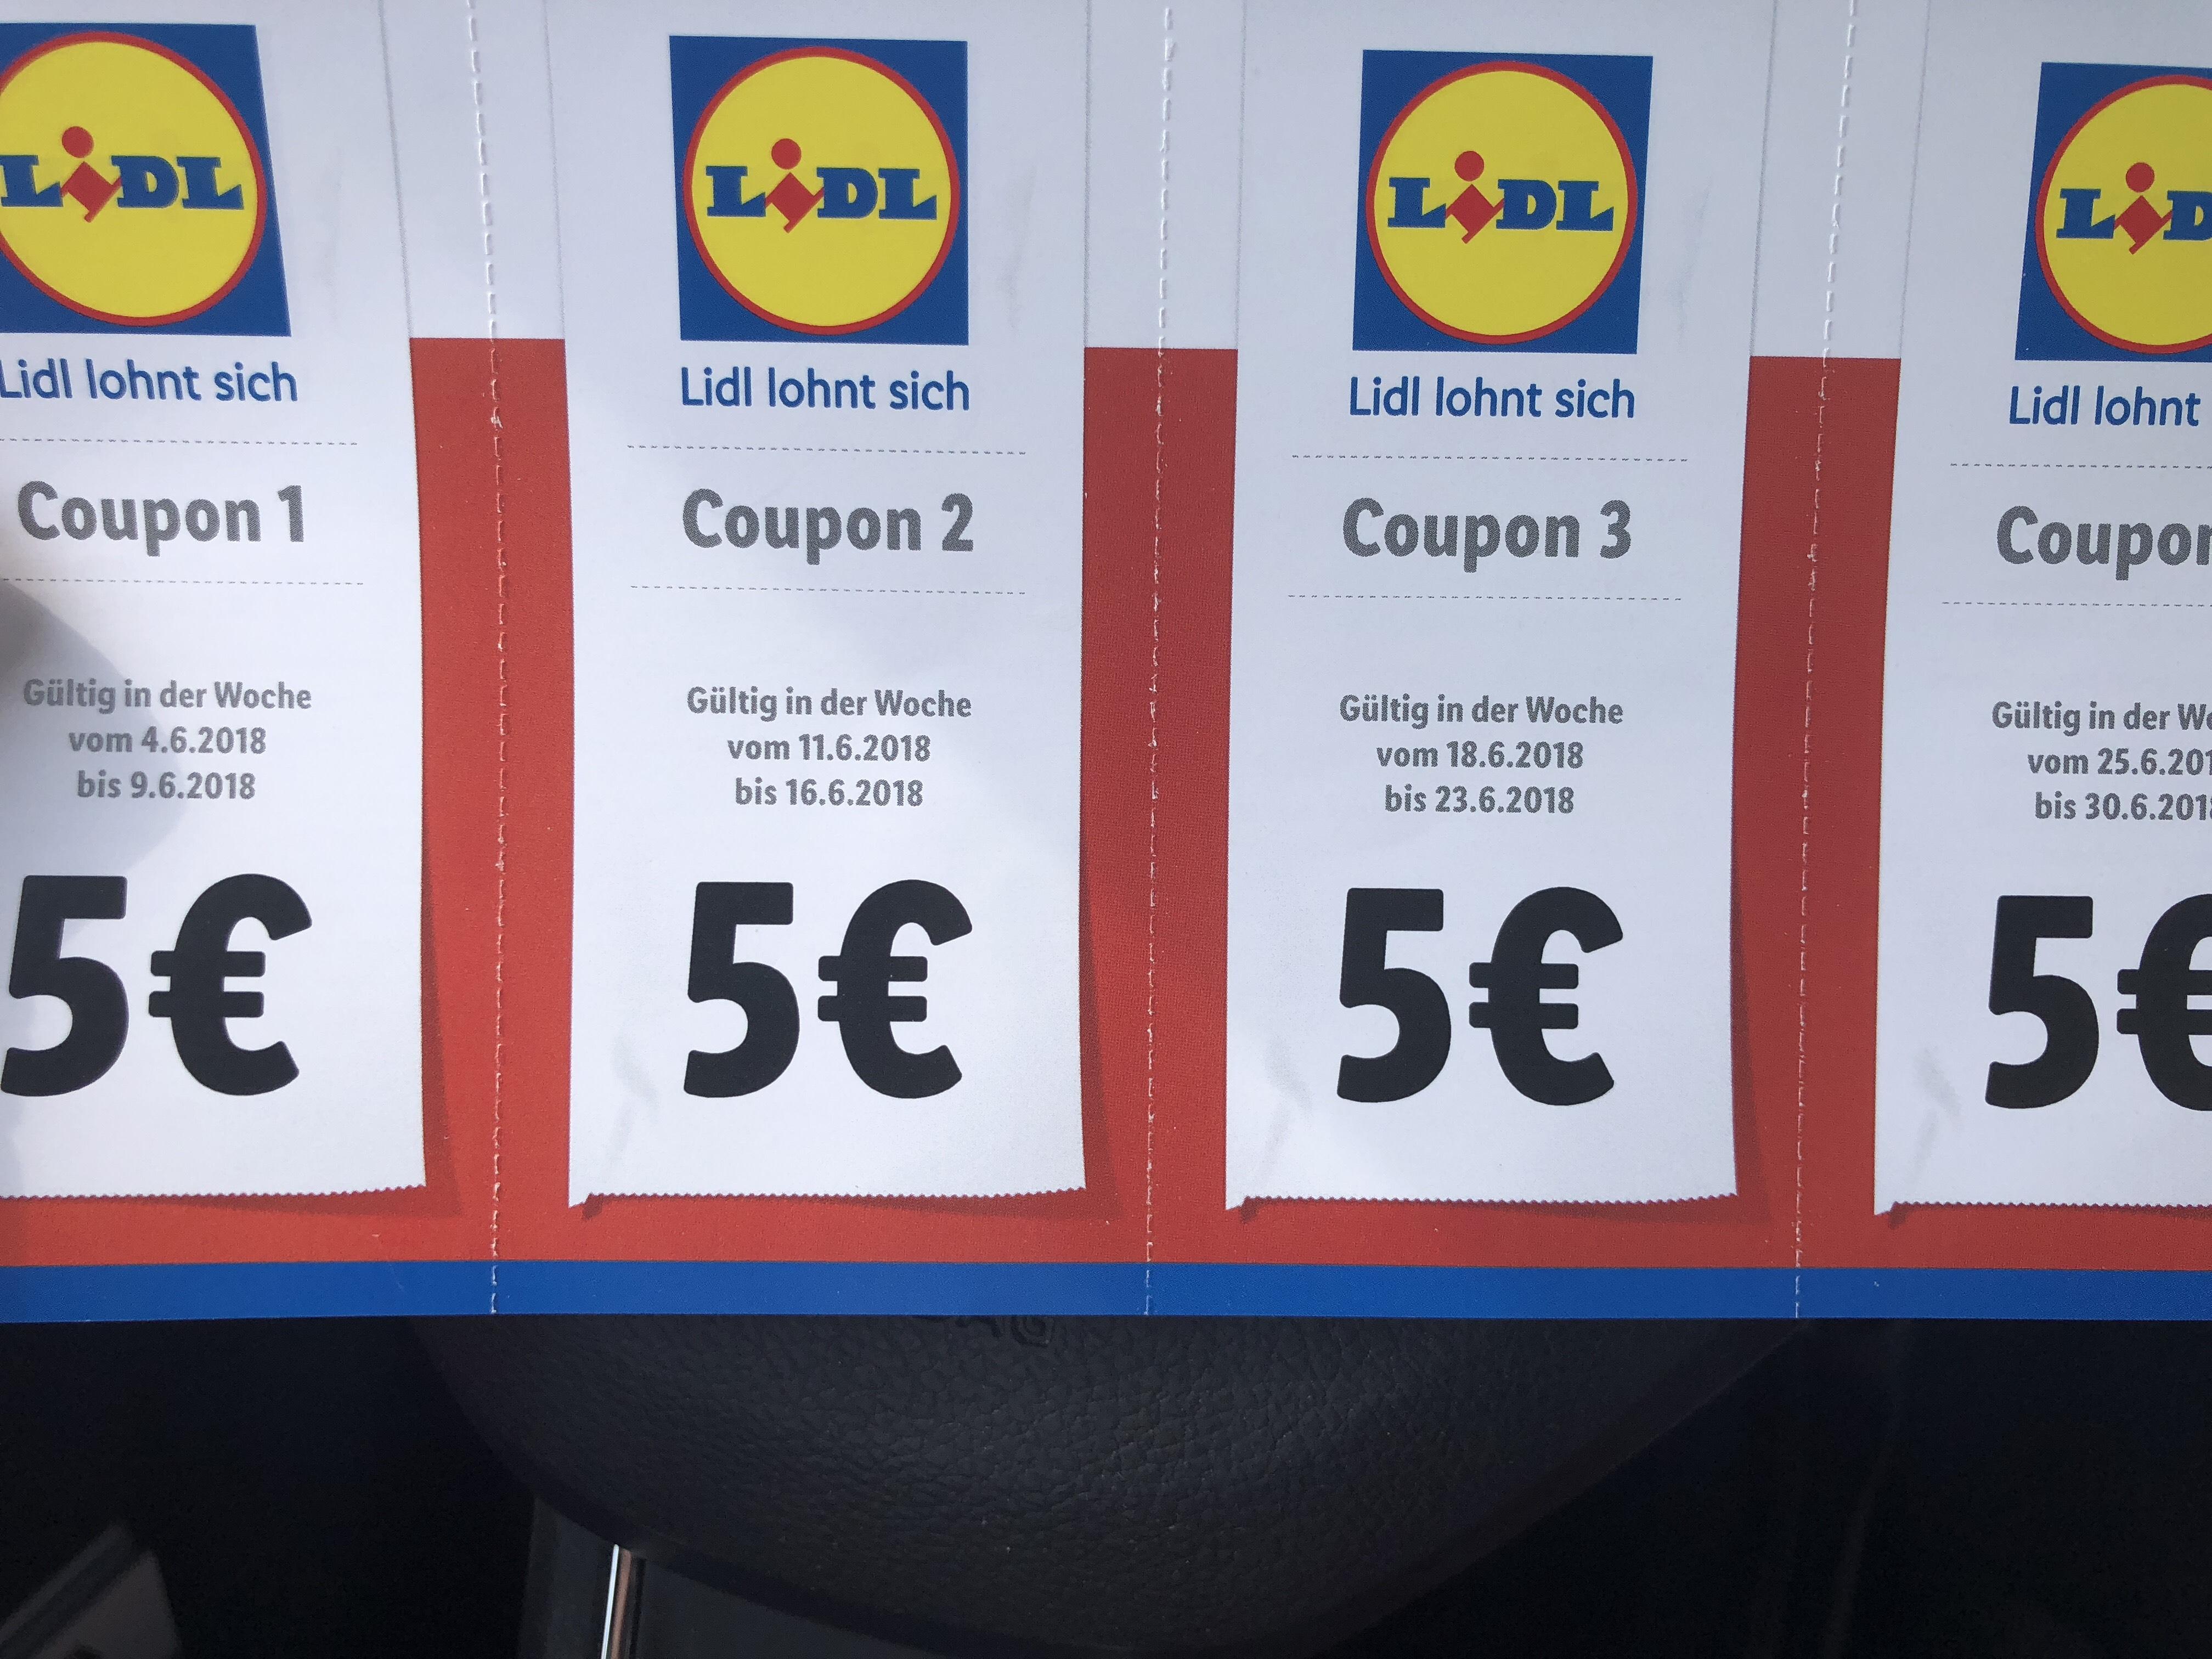 Lidl lokal Meißen. 5 Euro Rabatt ab einem Einksuf von 40 Euro . Jede Woche einer einlösbar.